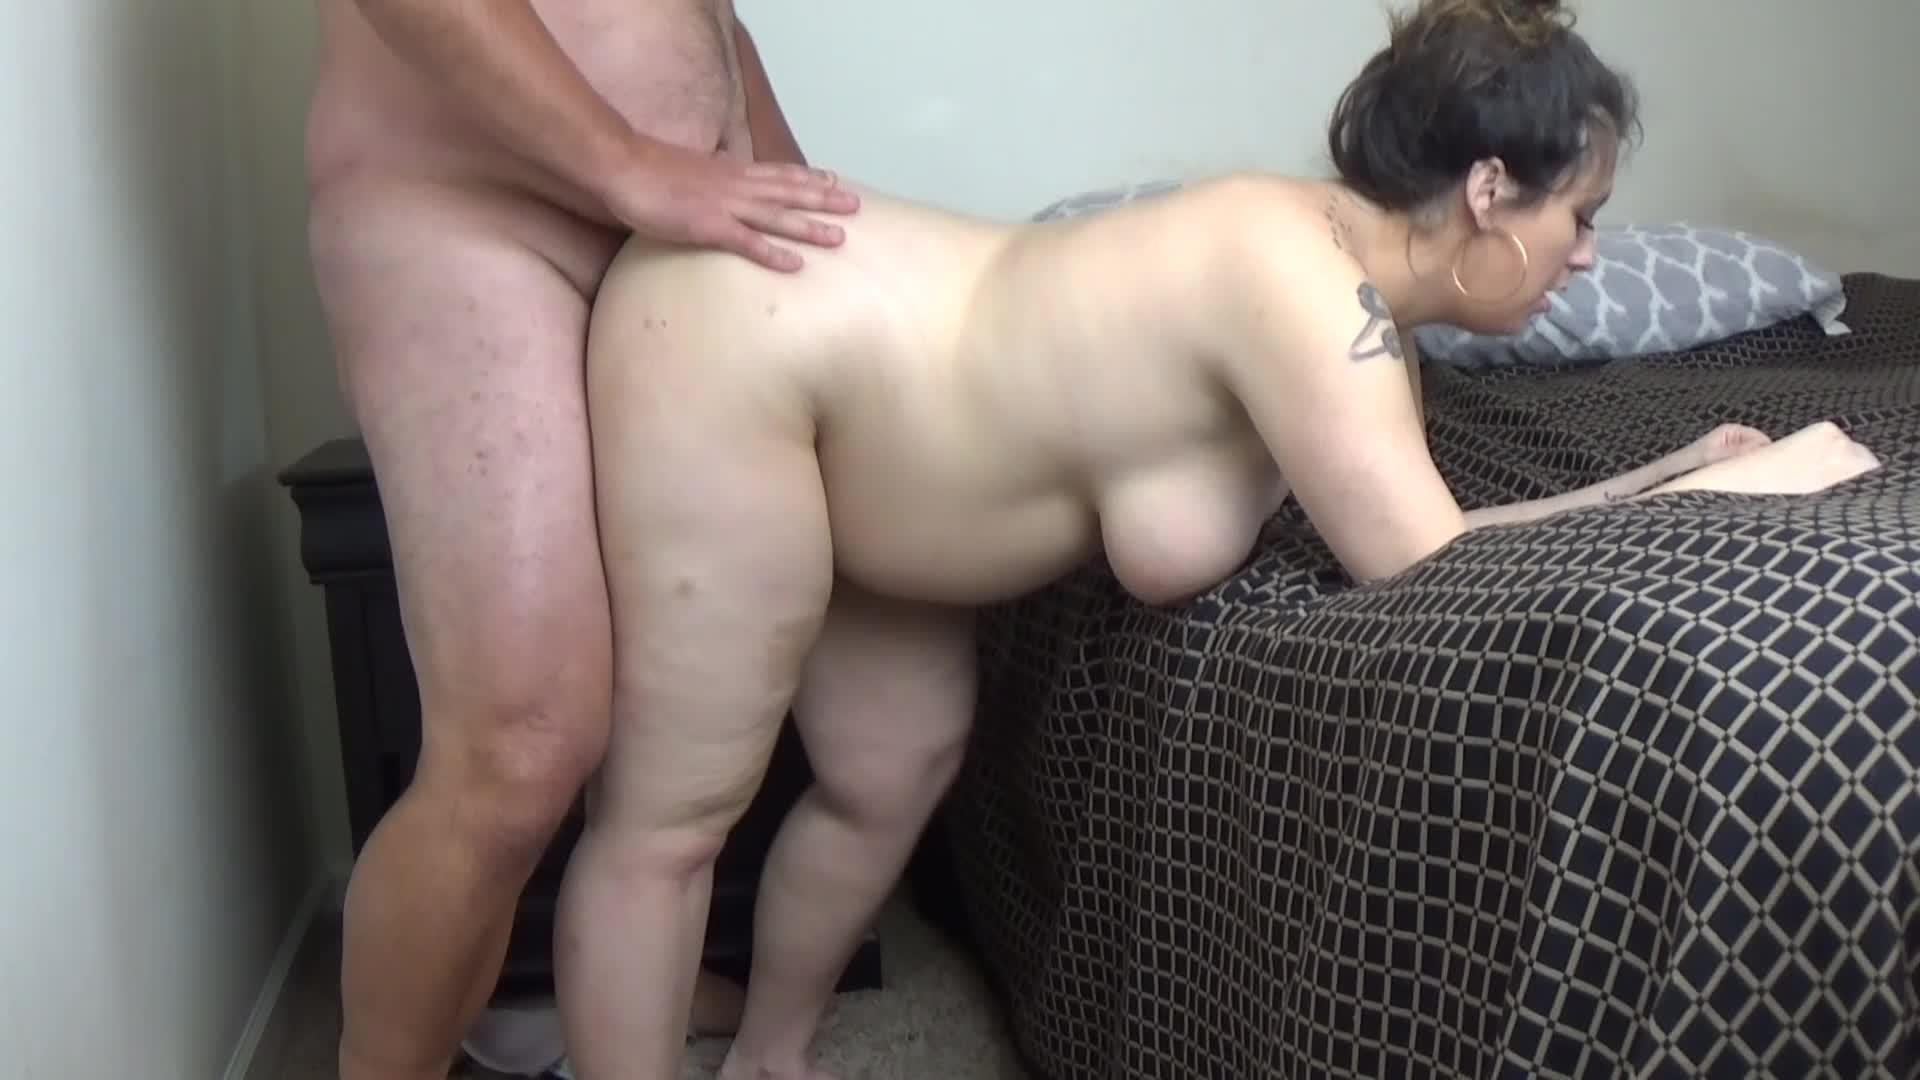 Big Tit Brunette Milf Creampie